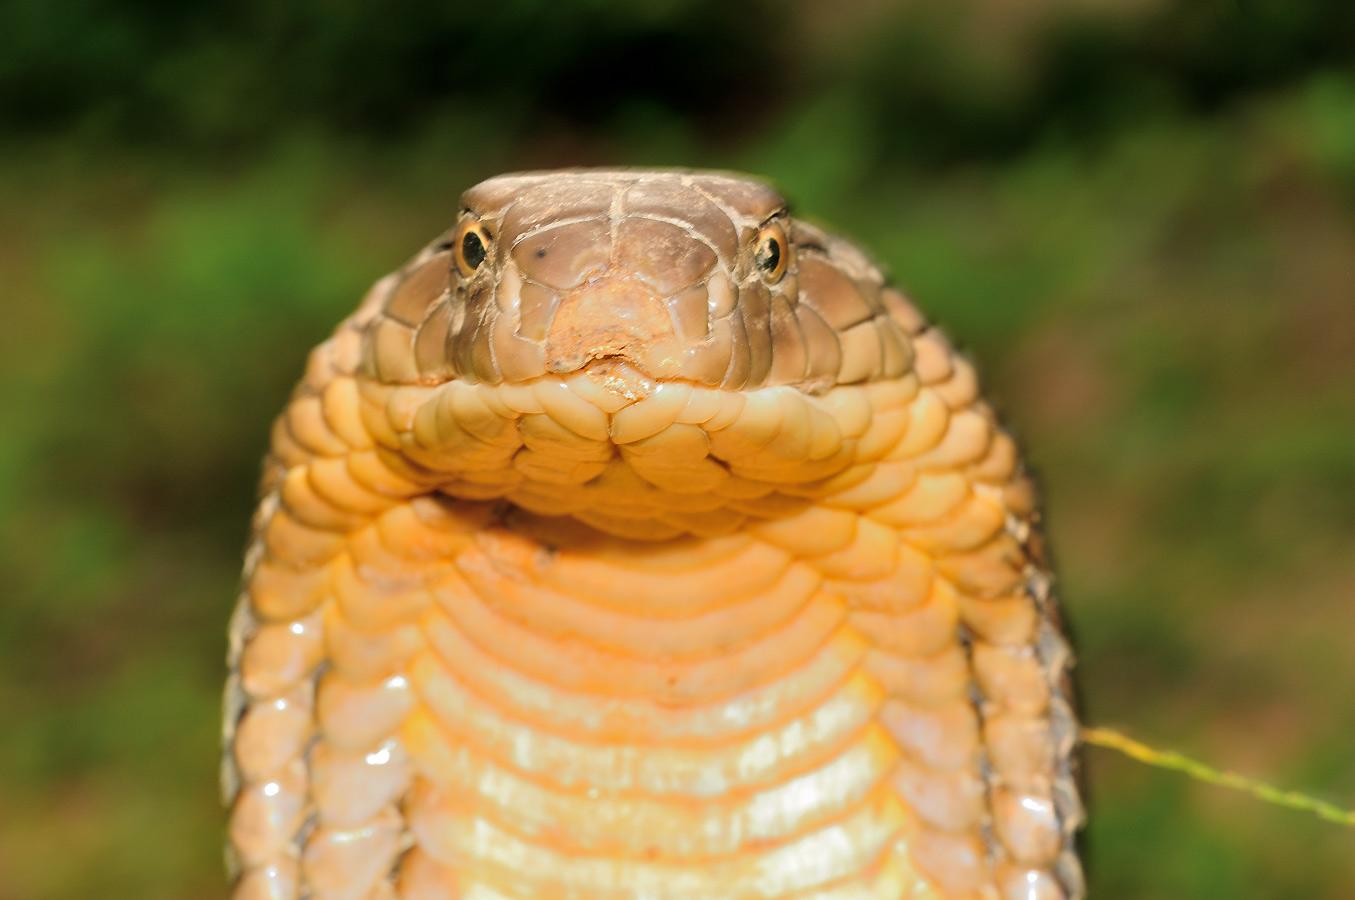 眼鏡王蛇 cobra royal (Ophiophagus hannah) Guangxi, Chine 2017 ©AYMERICH Michel